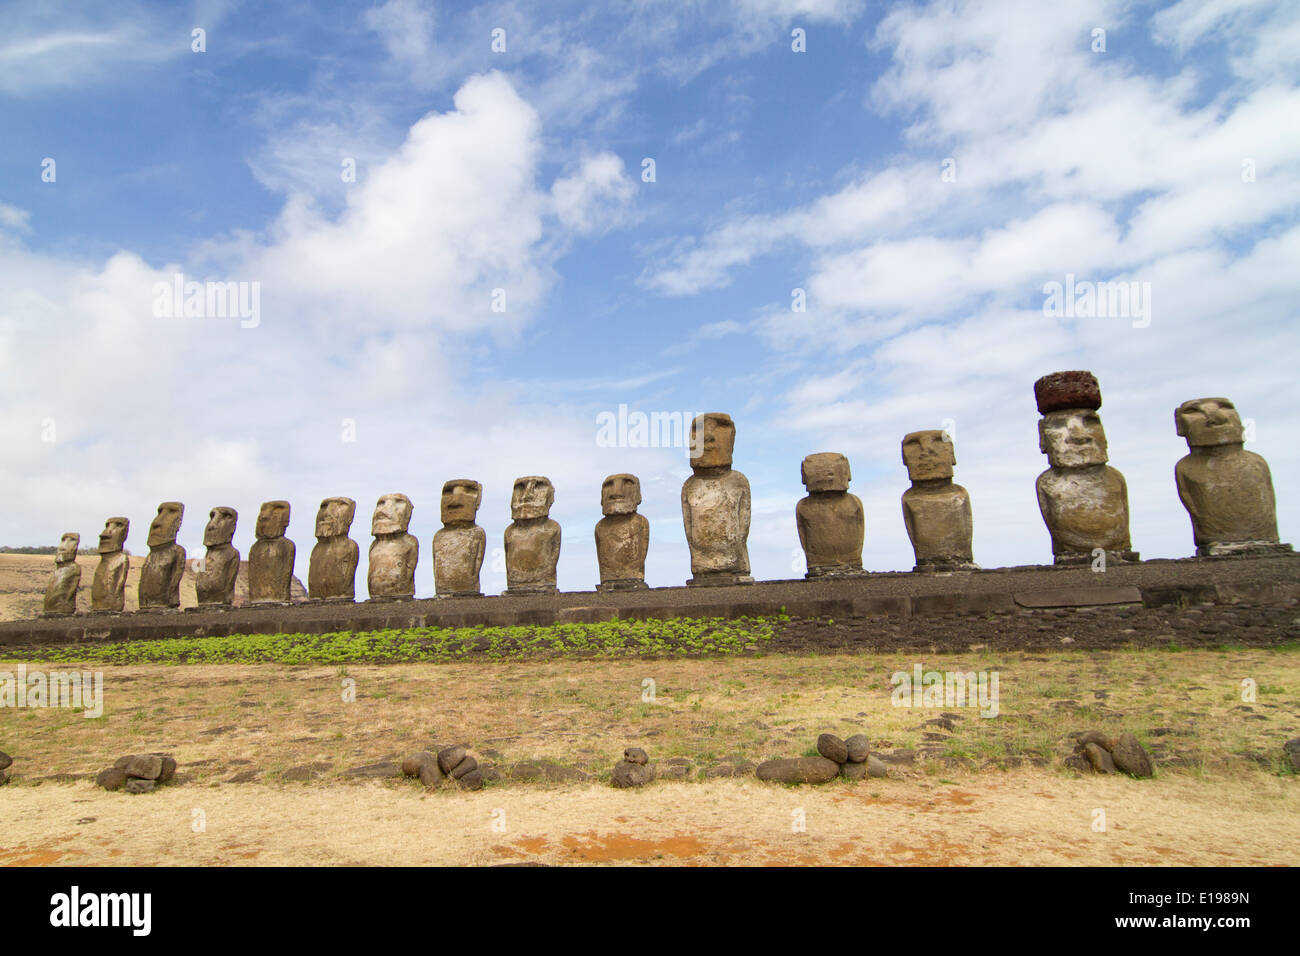 Quince estatuas llamadas moai sobre una plataforma de roca llamado Abu, uno de los cuales tiene un tophat llamados pukao, a Ahu Tongariki Imagen De Stock